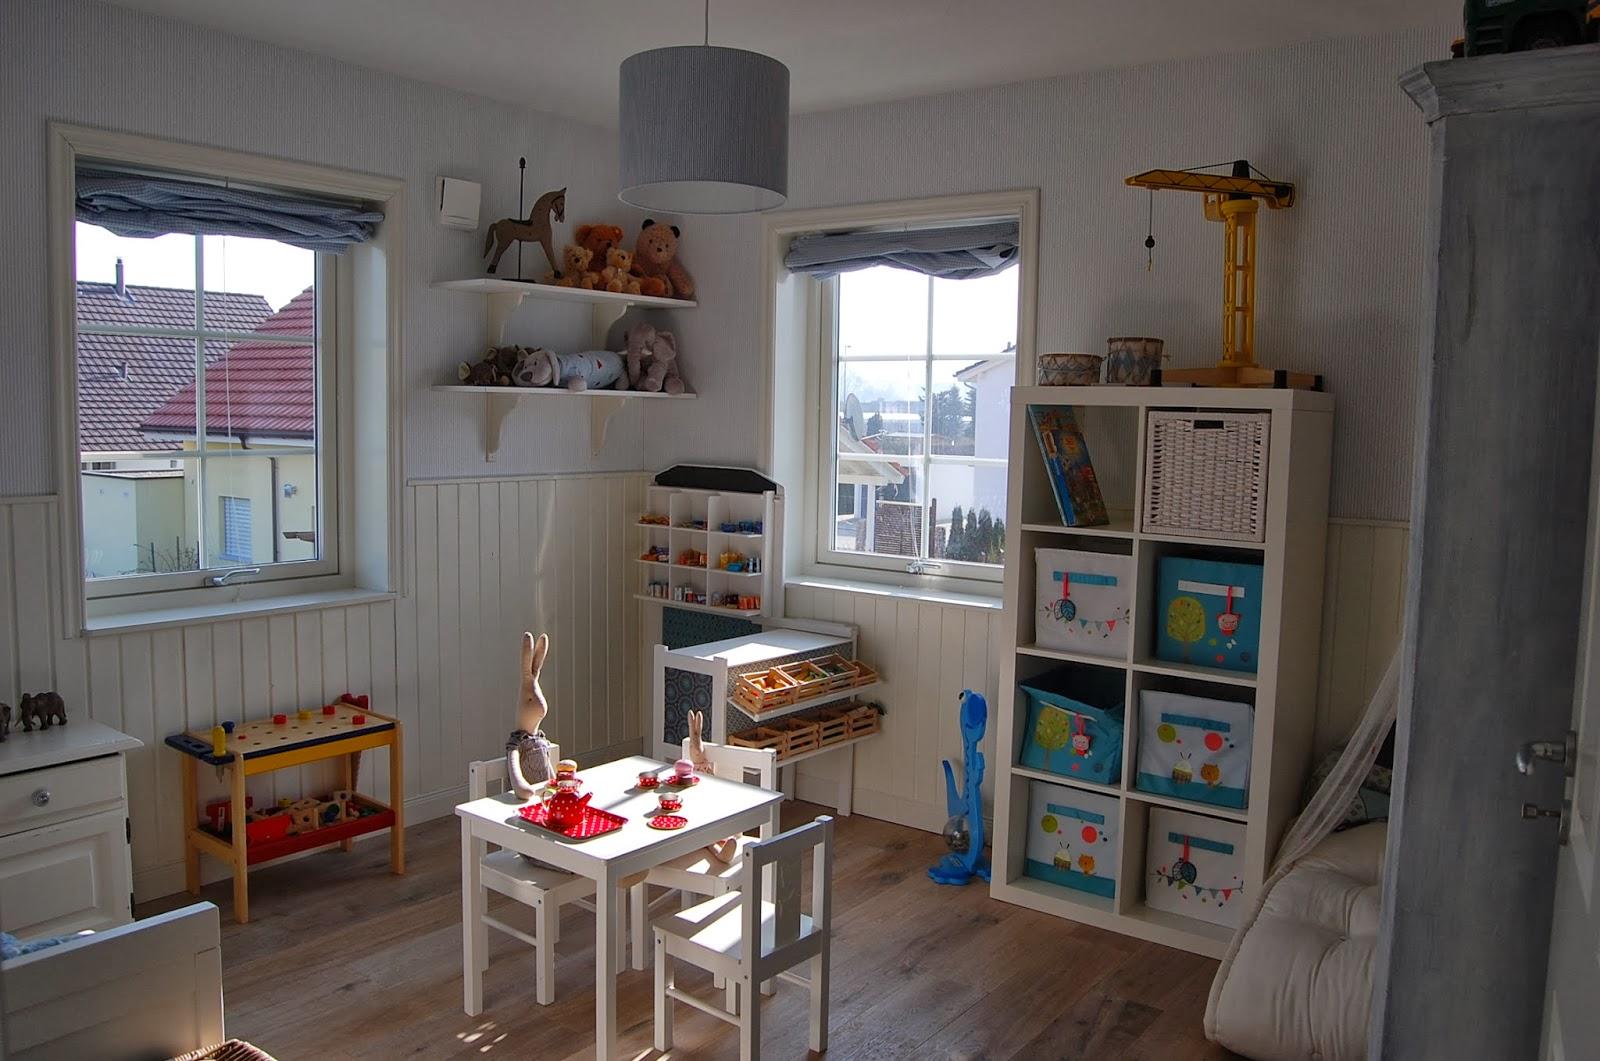 villajenal kinderzimmer nummer 3. Black Bedroom Furniture Sets. Home Design Ideas